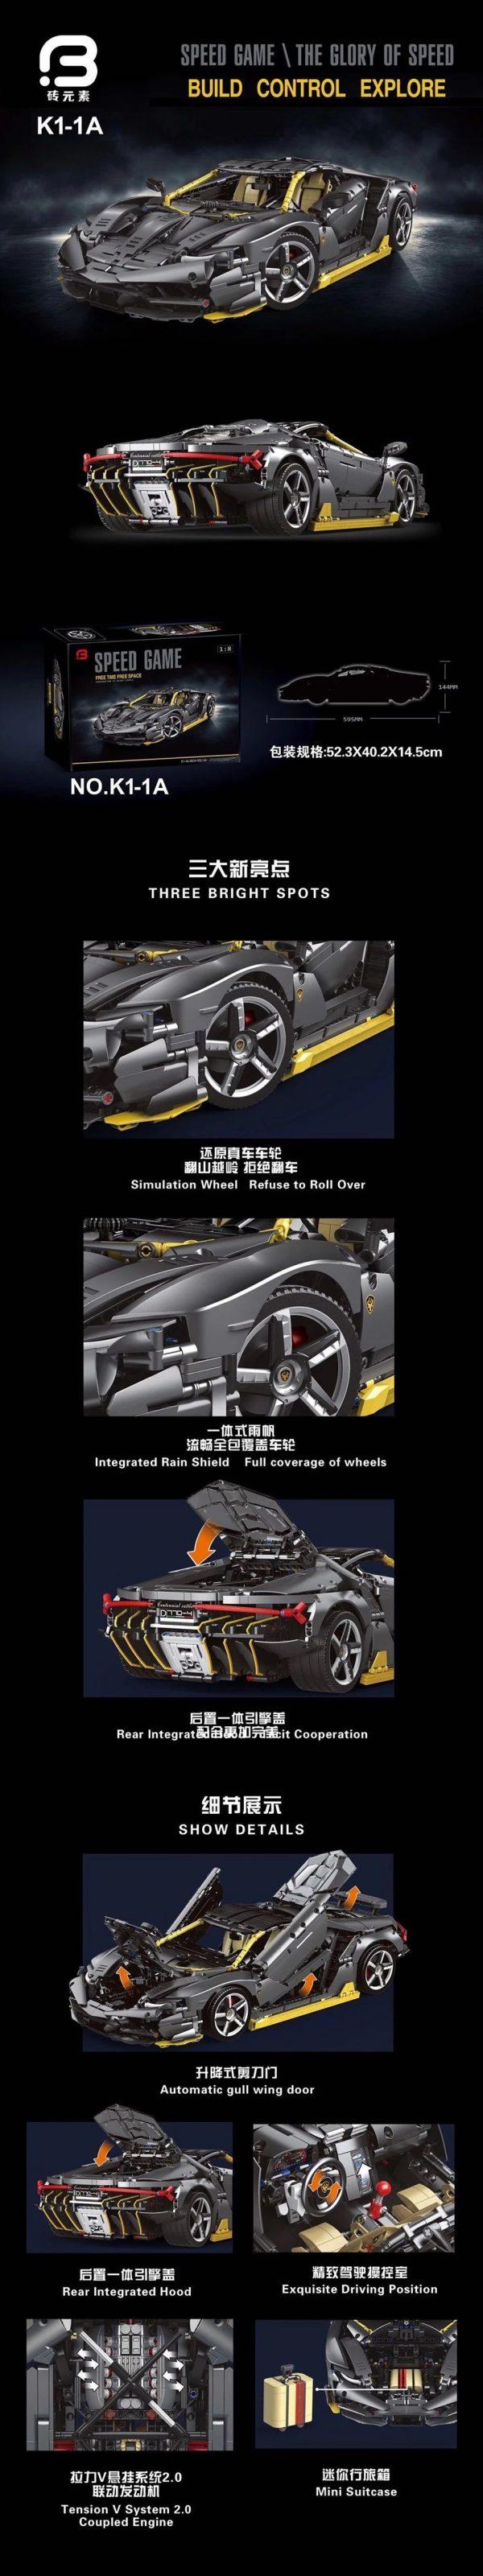 DoubleE / CADA C61041 Lamborghini Centenario 1:8 hypercar 19